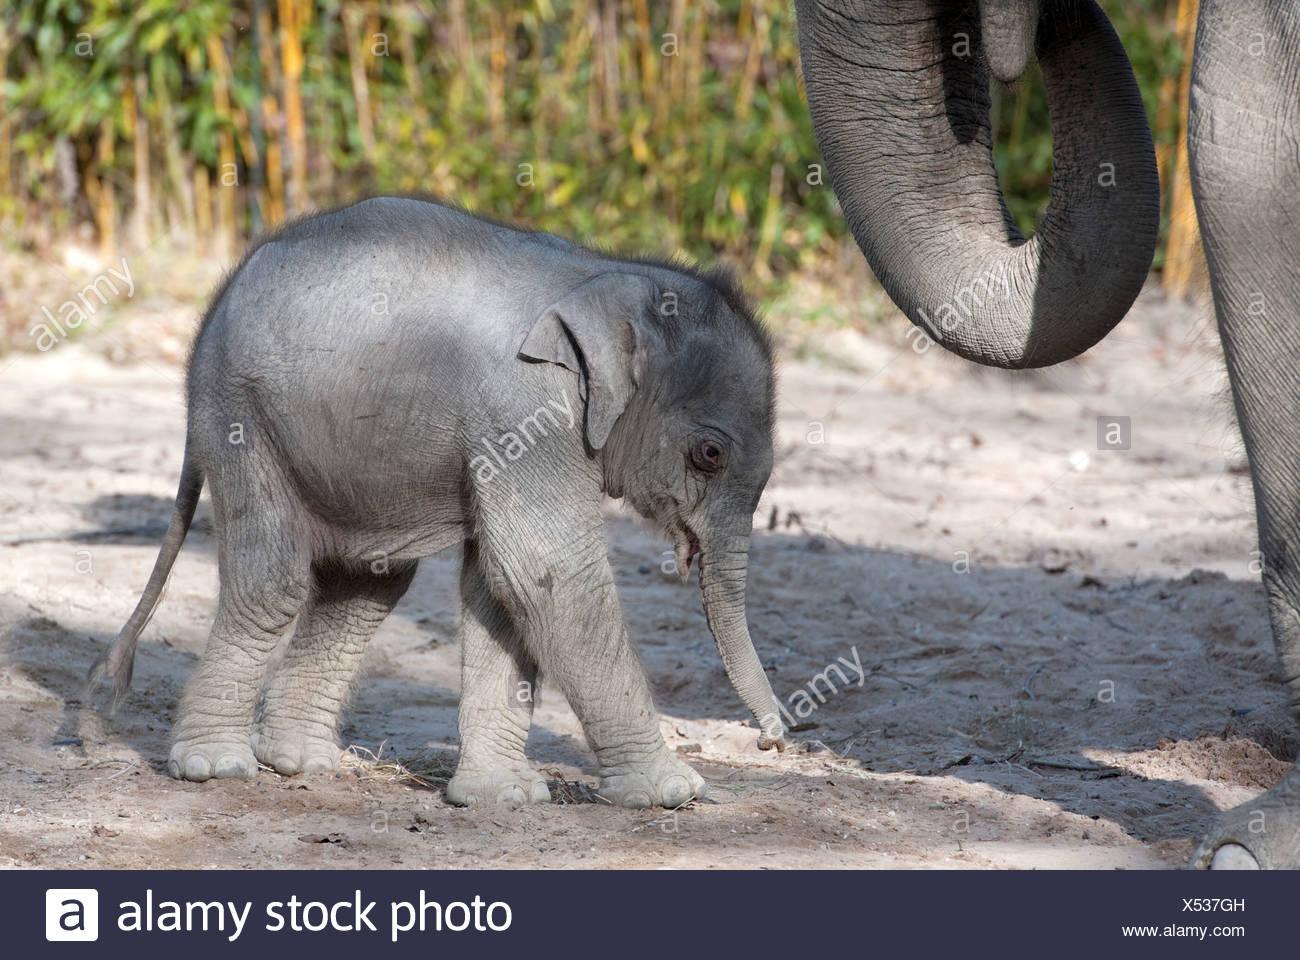 Elefante asiatico (Elephas maximus), femmina baby elephant, 11 giorni, durante la prima incursione nel contenitore esterno con la sua Immagini Stock